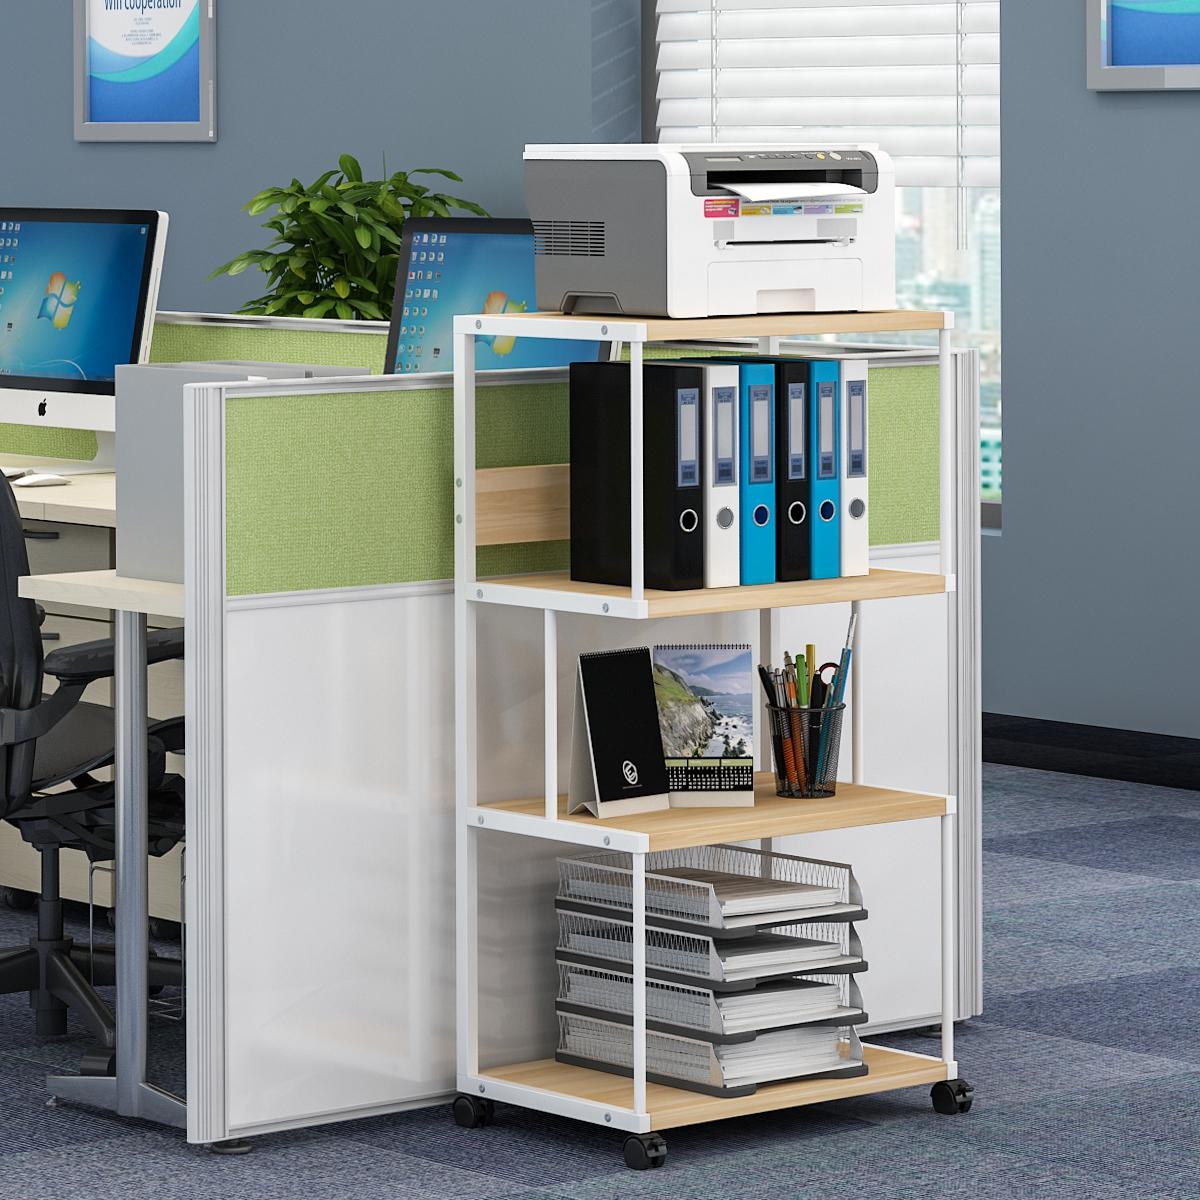 打印机架办公置物储物架复印桌柜子可定制移动多层落地收纳主机架